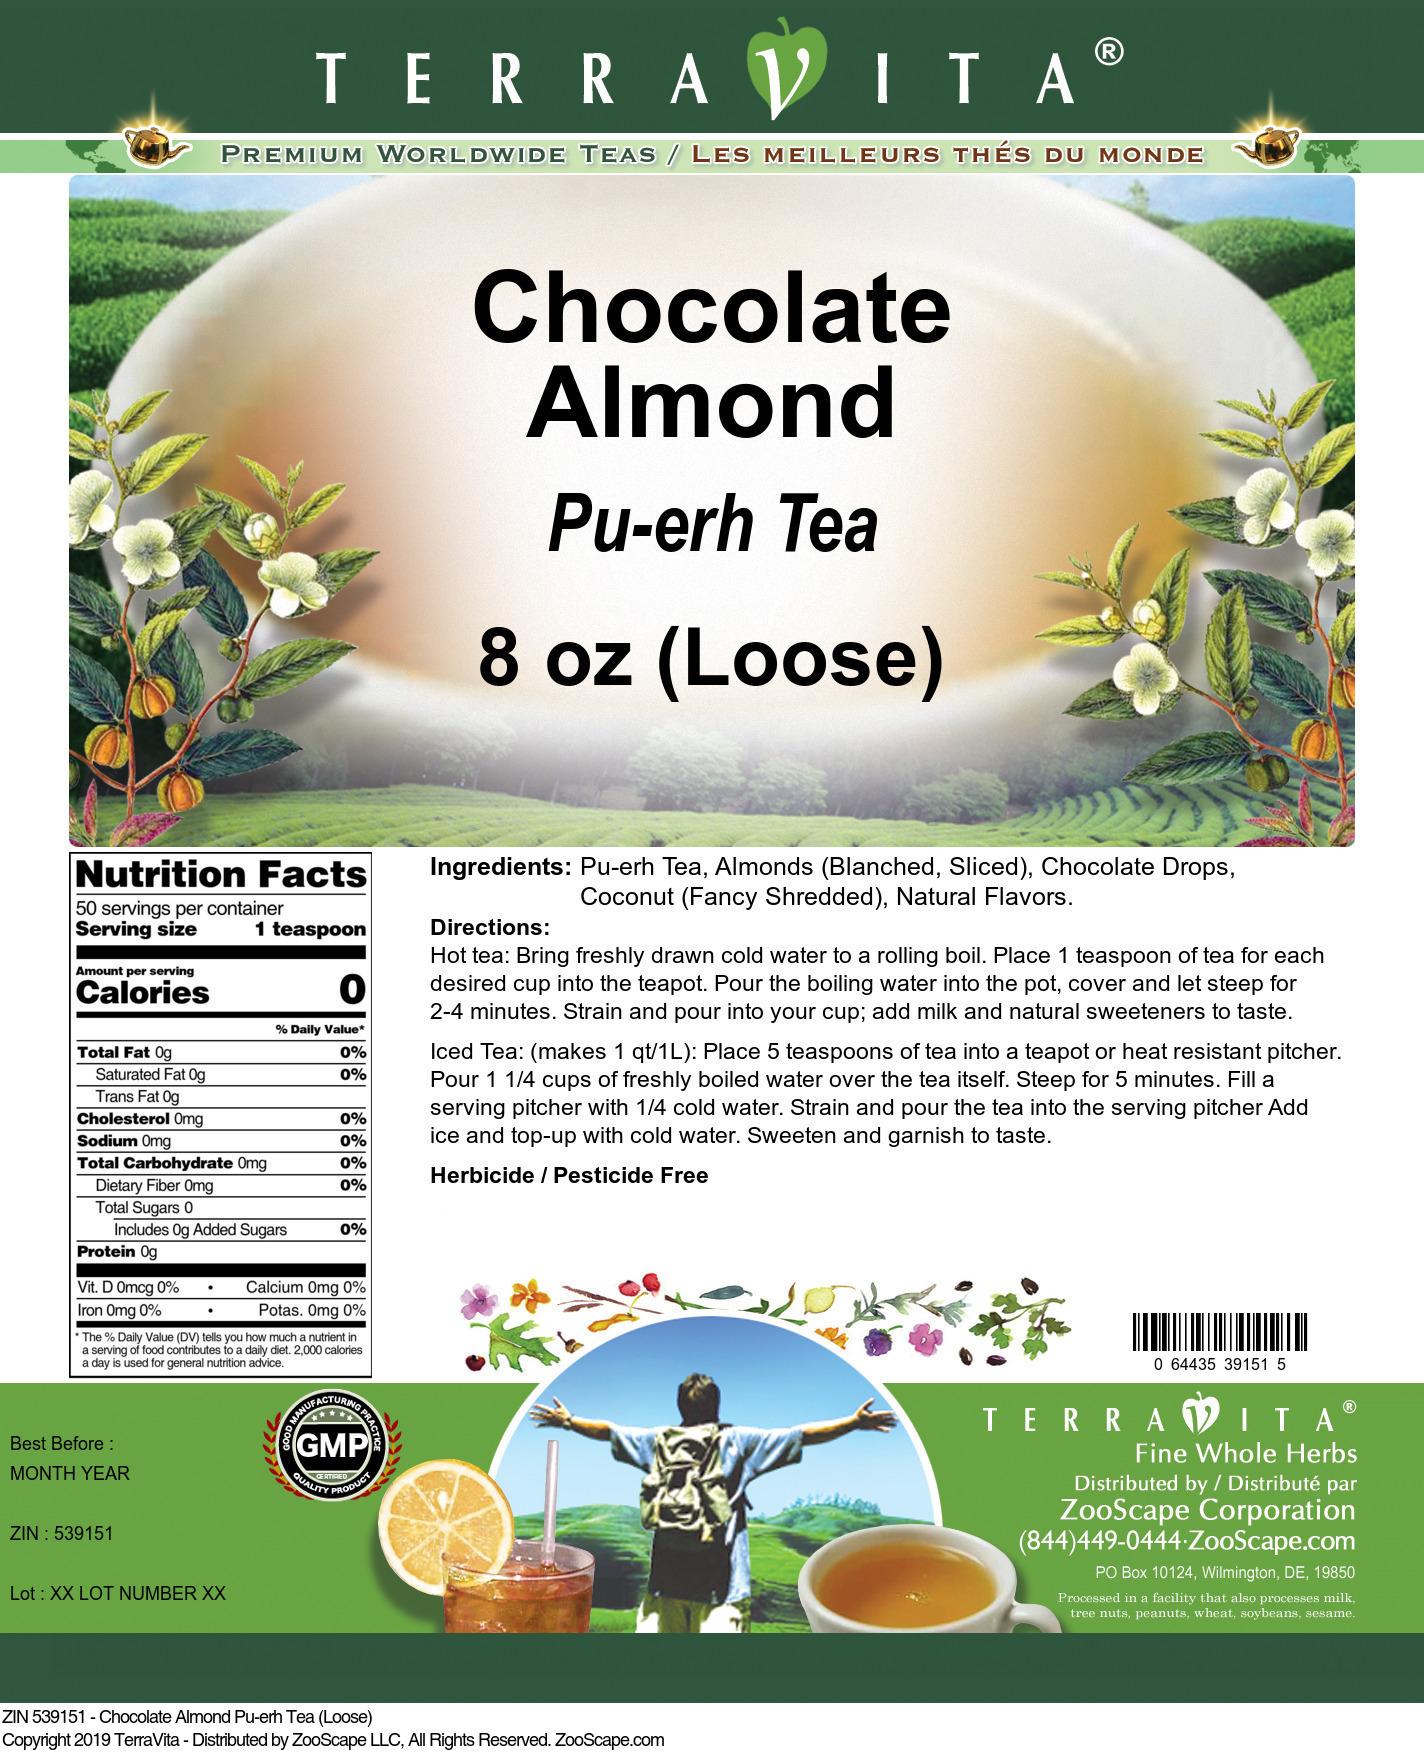 Chocolate Almond Pu-erh Tea (Loose)